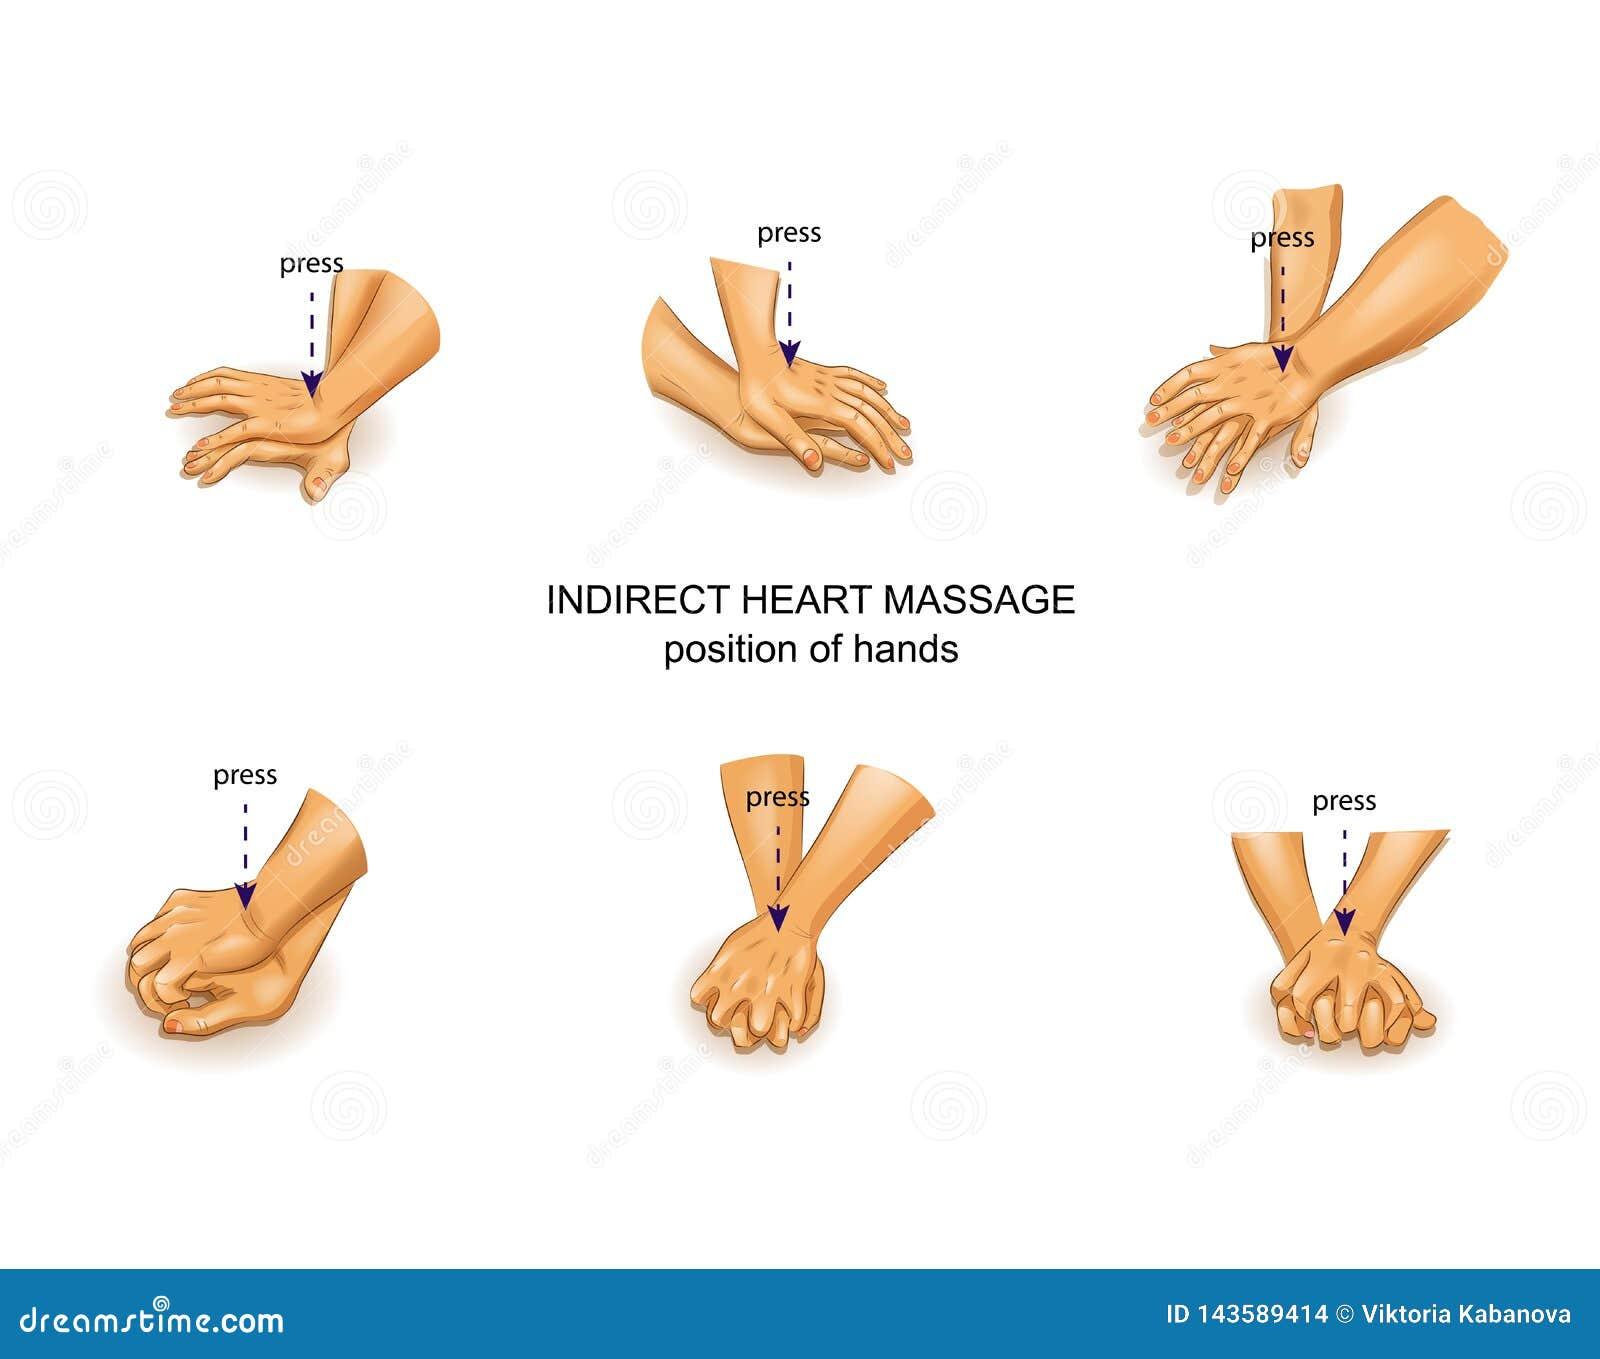 Posición de las manos del doctor en masaje de corazón indirecto